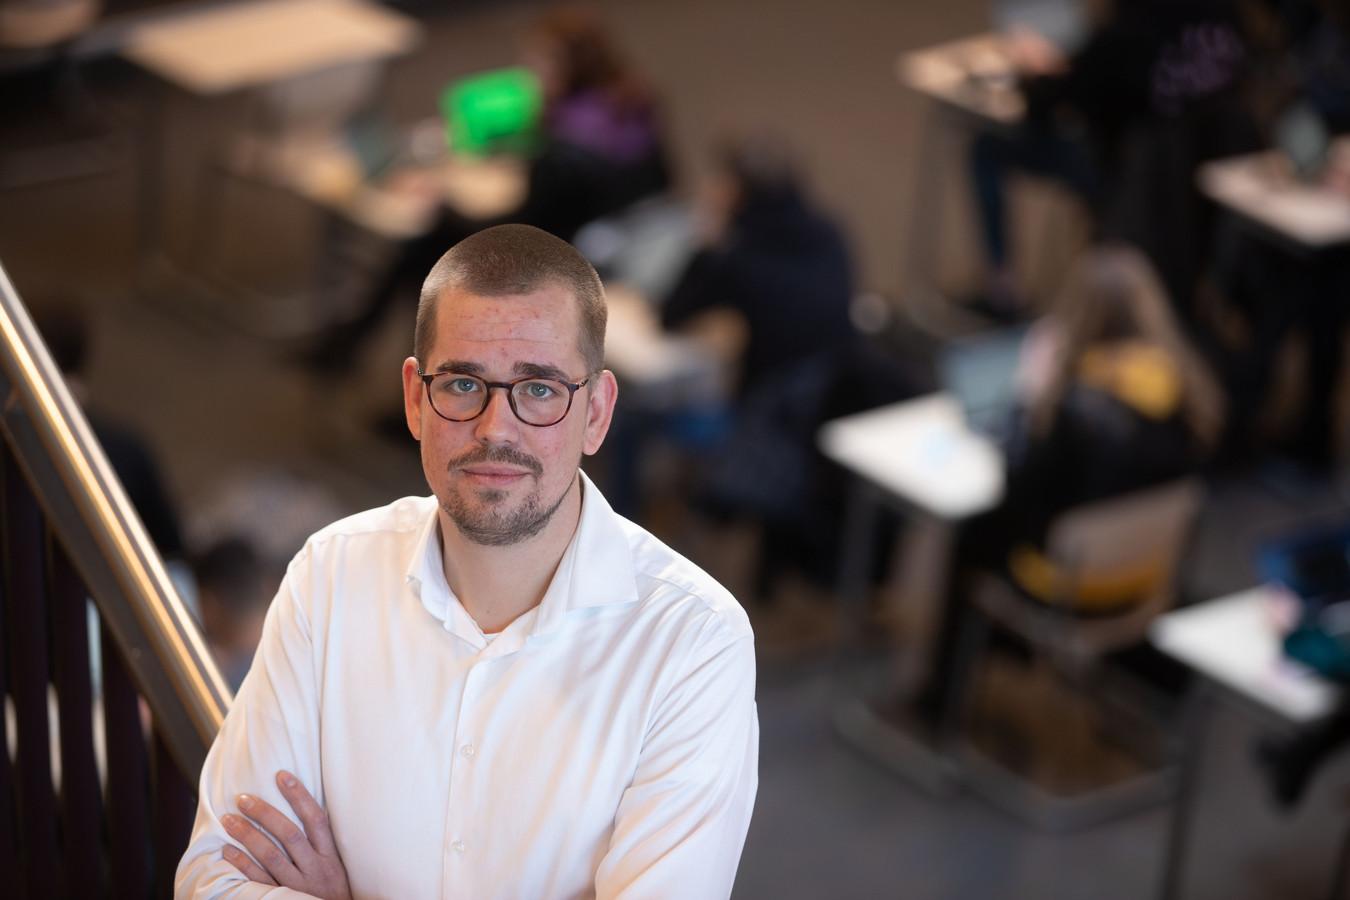 Mark Brijan, locatiedirecteur van Bonifatius mavo in Emmeloord, vindt dat de centrale eindexamens niet door moeten gaan.